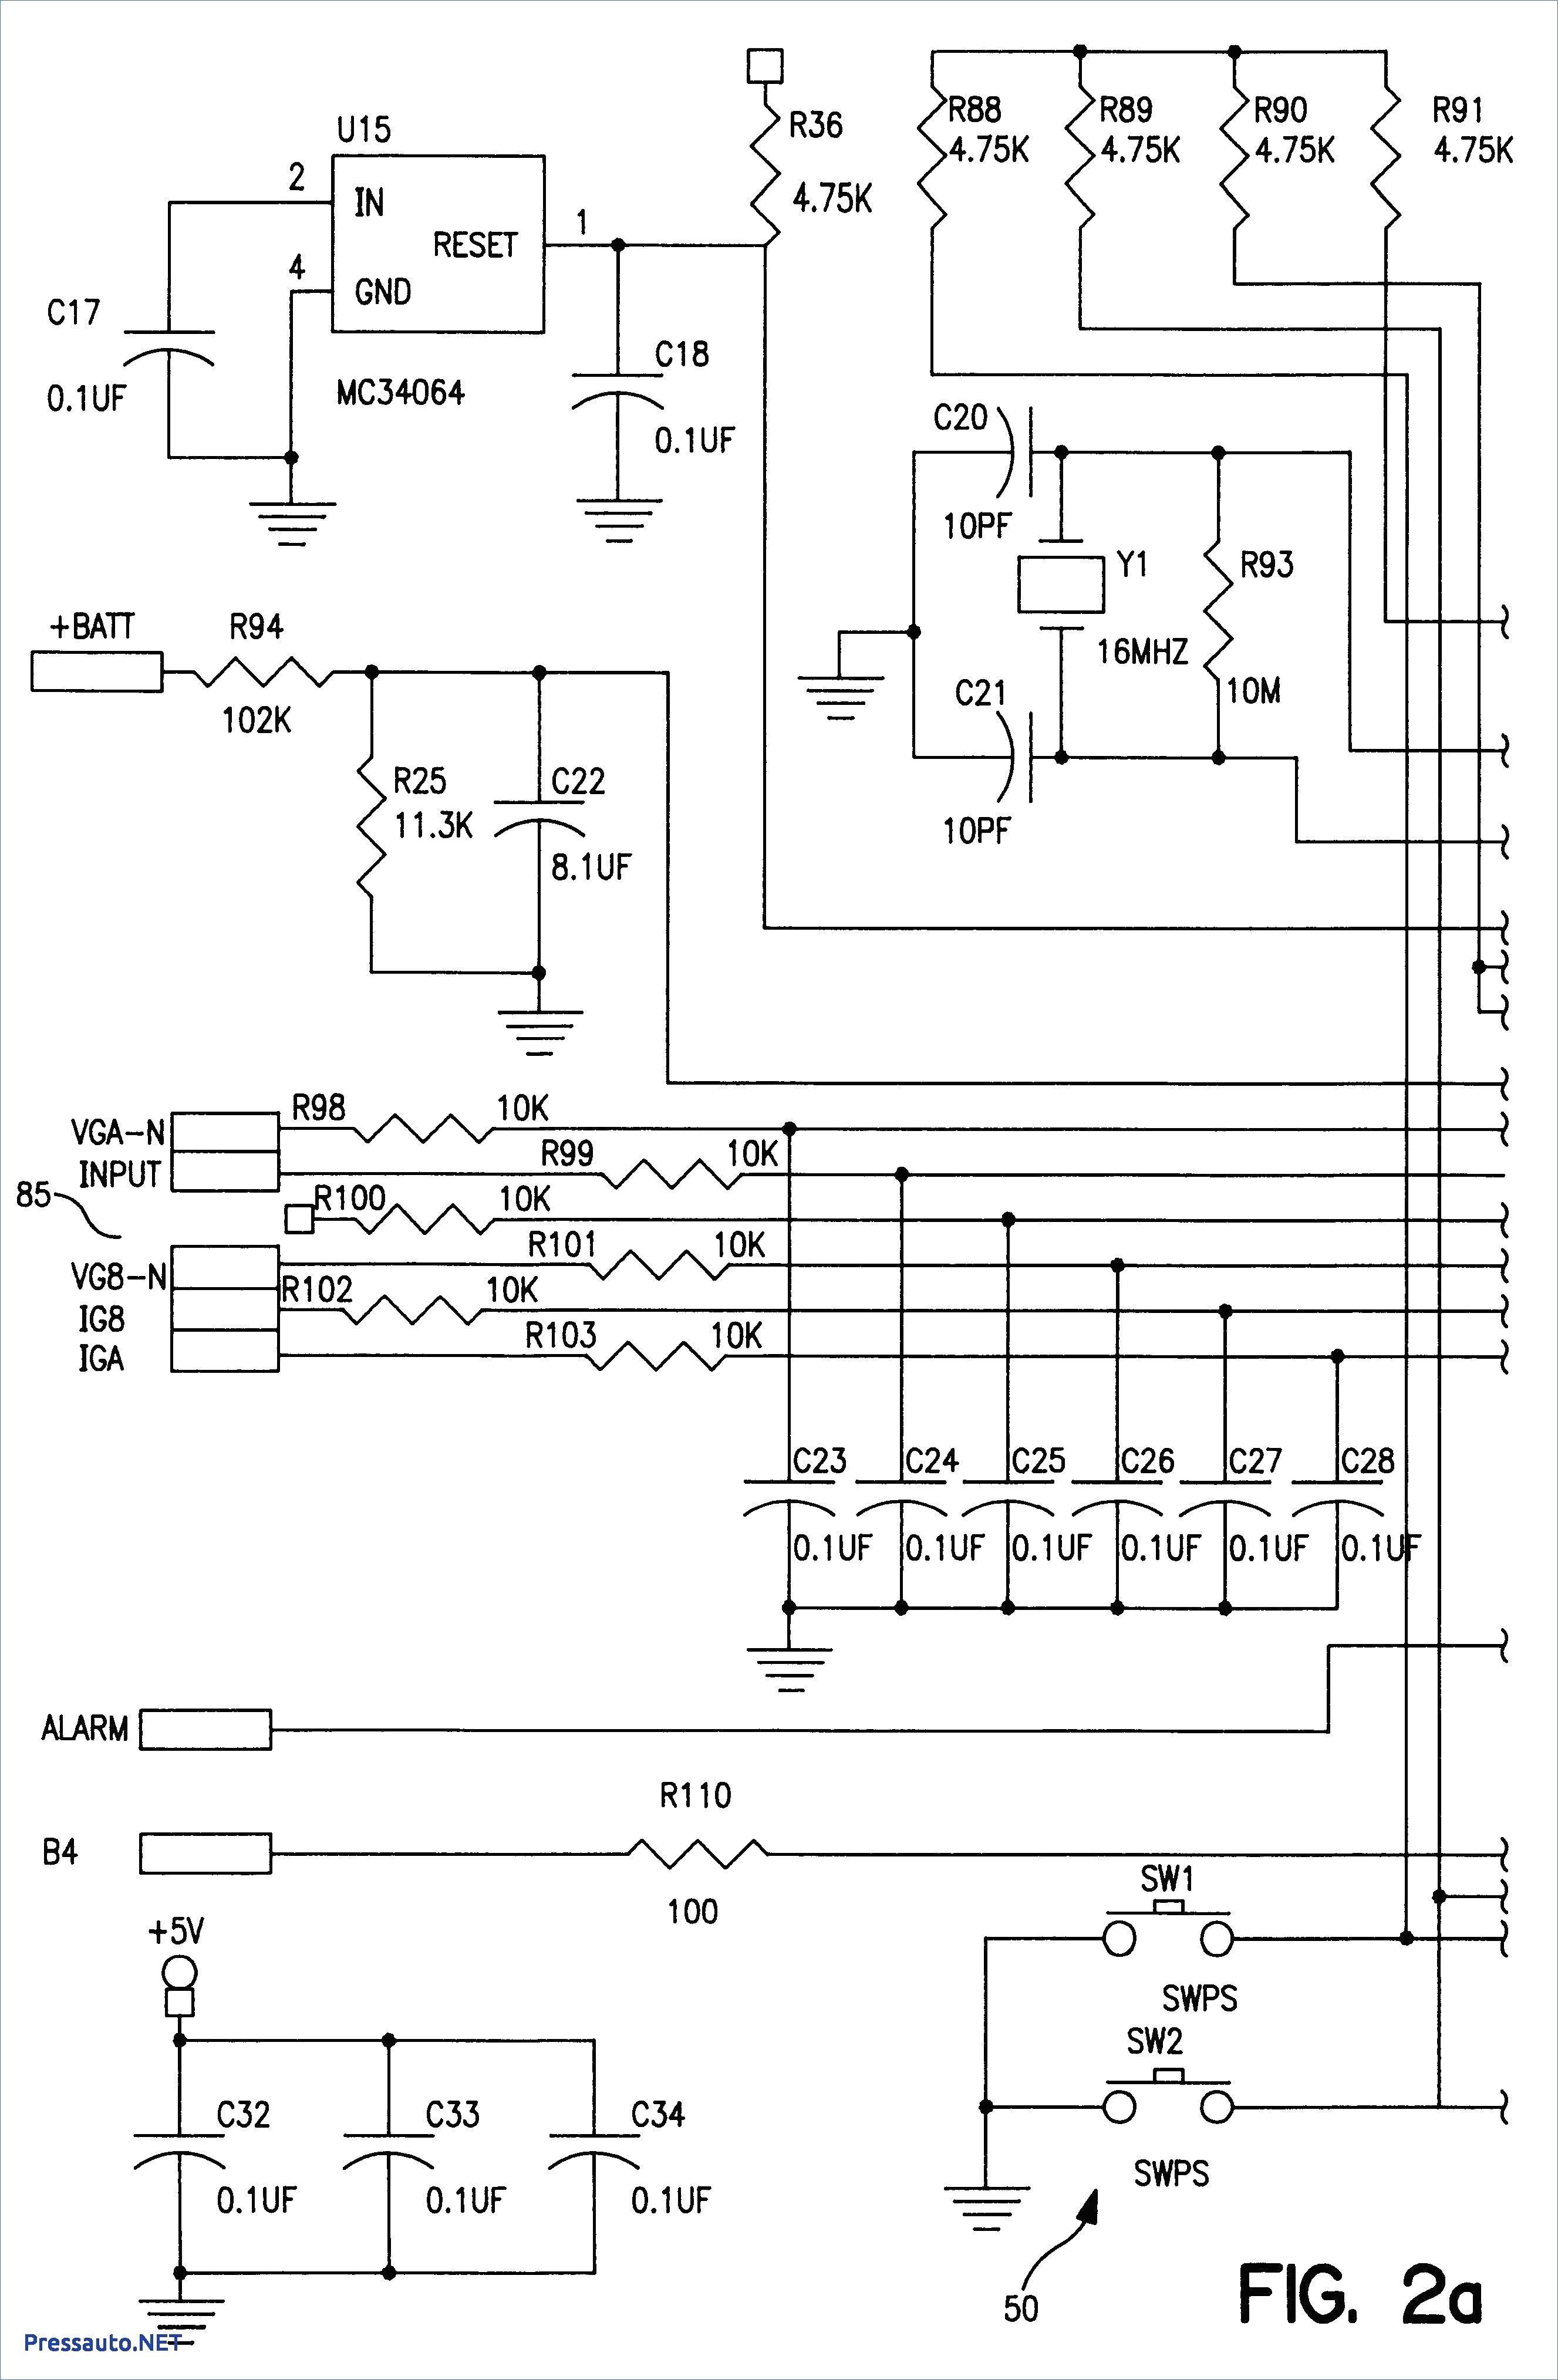 Unique Wiring Diagram for Olympian Generator diagram